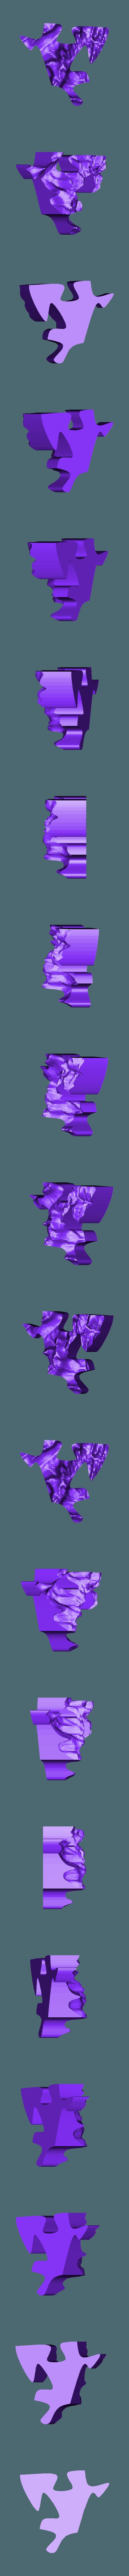 56.stl Télécharger fichier STL gratuit Echelle épique - Terrain - Zion NP • Objet à imprimer en 3D, TCP491016